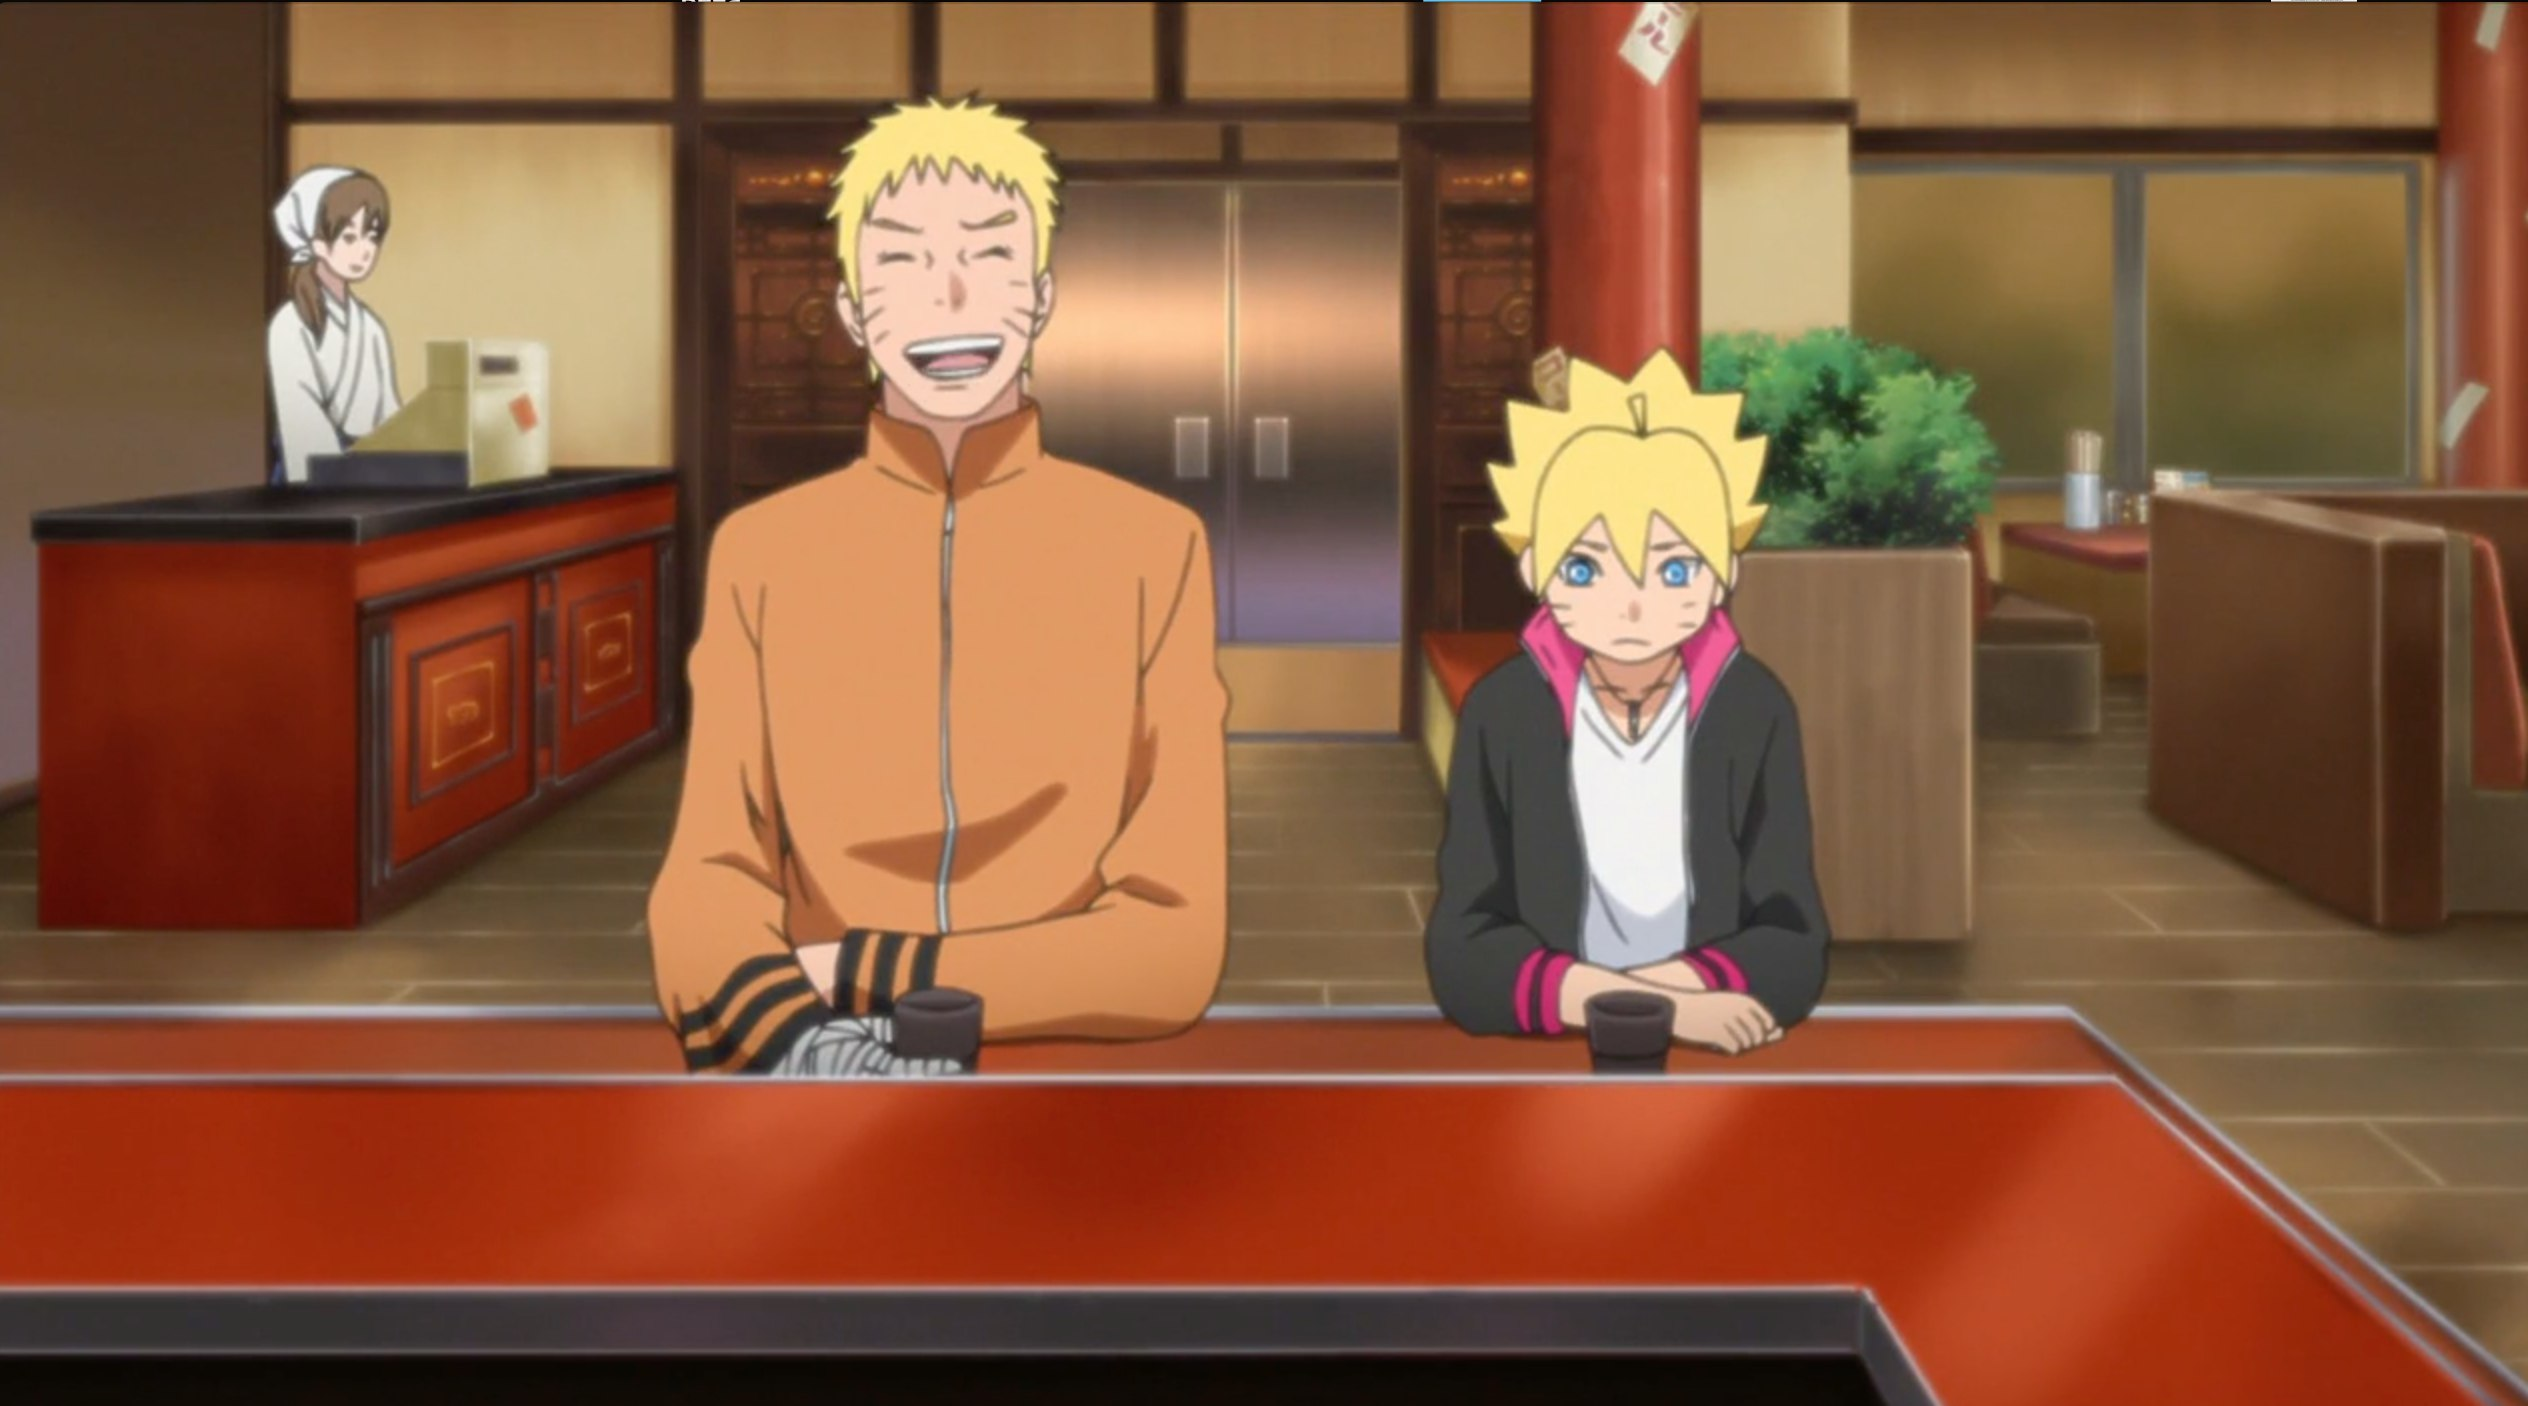 Boruto: Naruto Next Generations - 18, Боруто: Новое поколение Наруто 18, Боруто, аниме Боруто, 18 серия, озвучка, субтитры, скачать